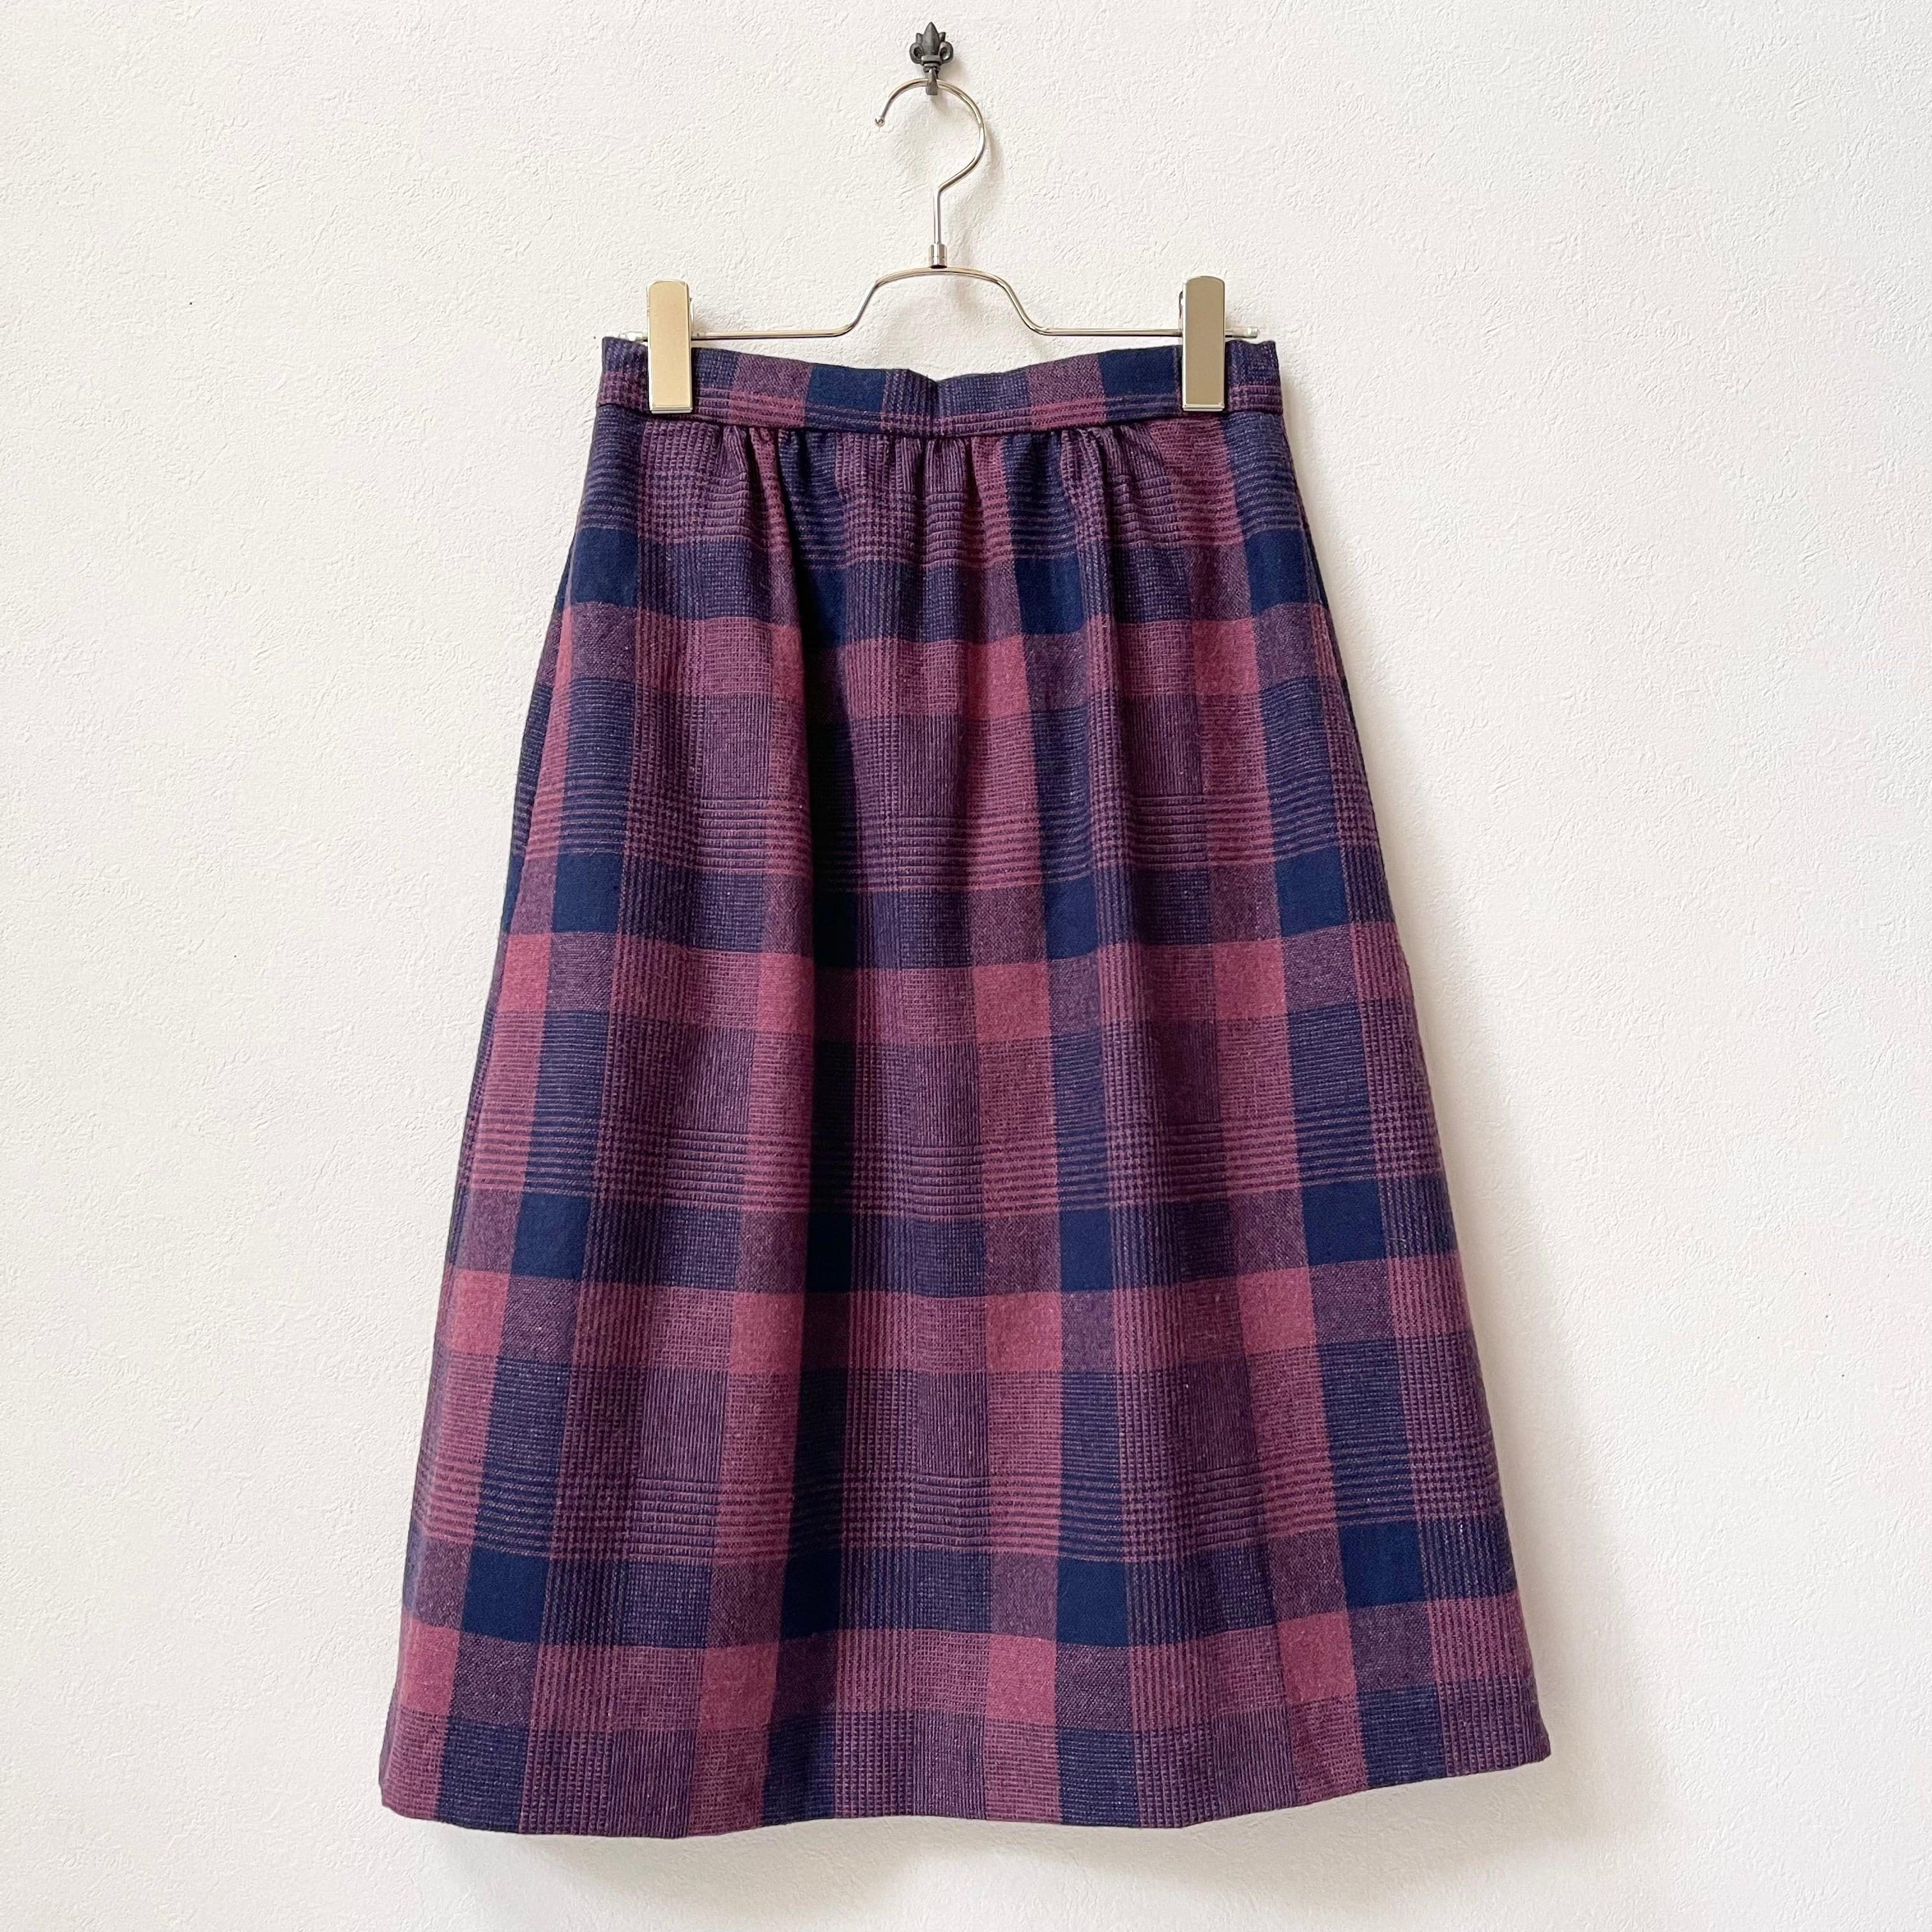 レディース アメリカ古着 チェック柄 スカート 日本M